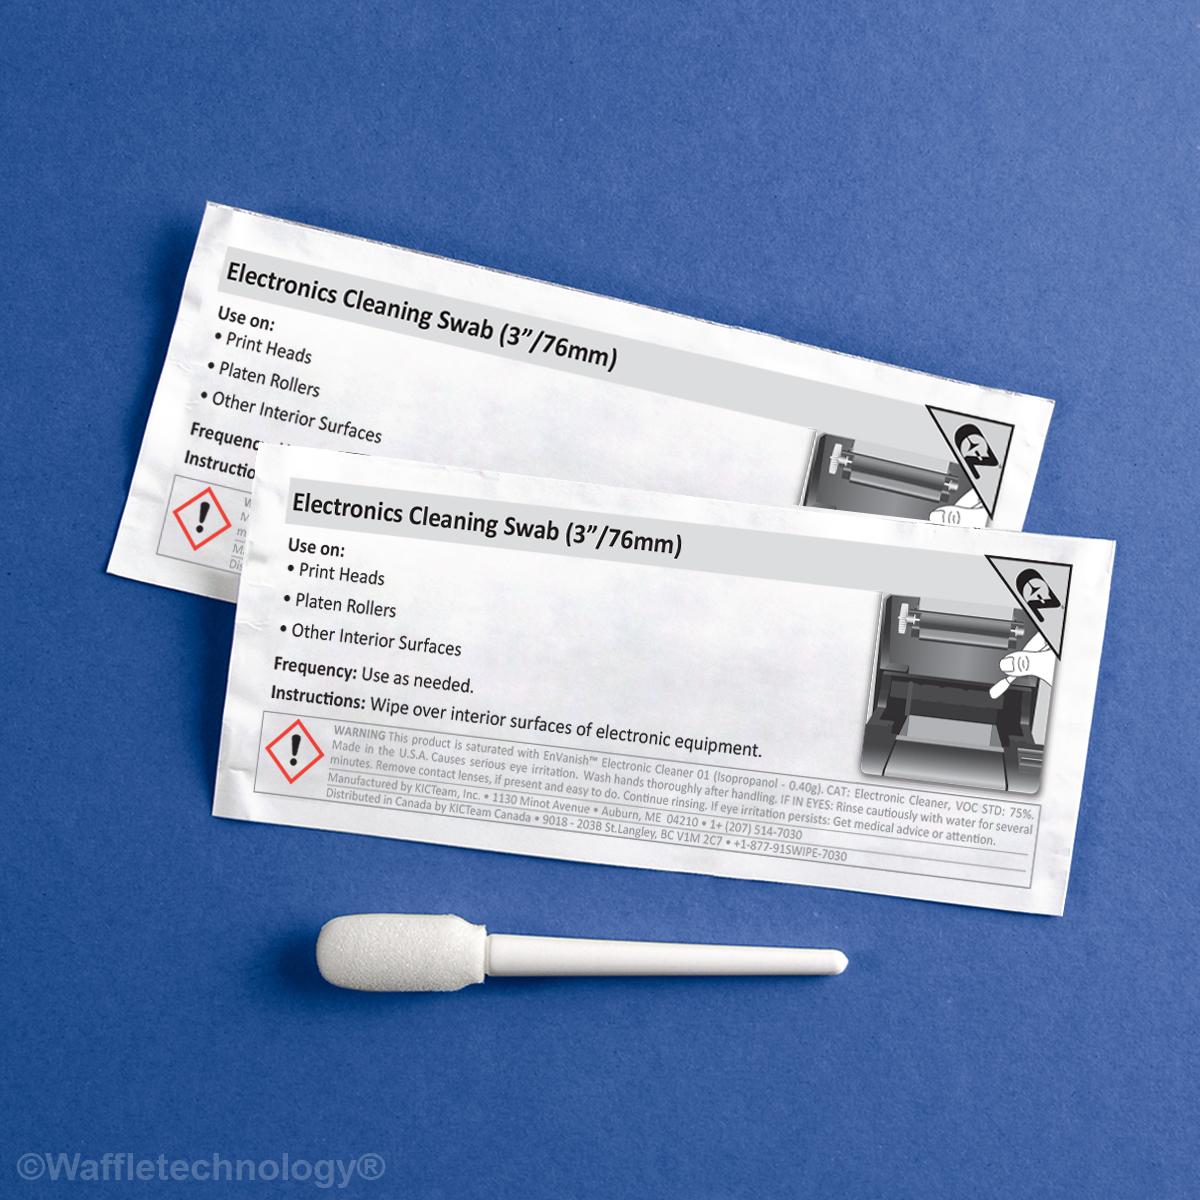 Electronique nettoyage écouvillon (en 3 / 76mm)